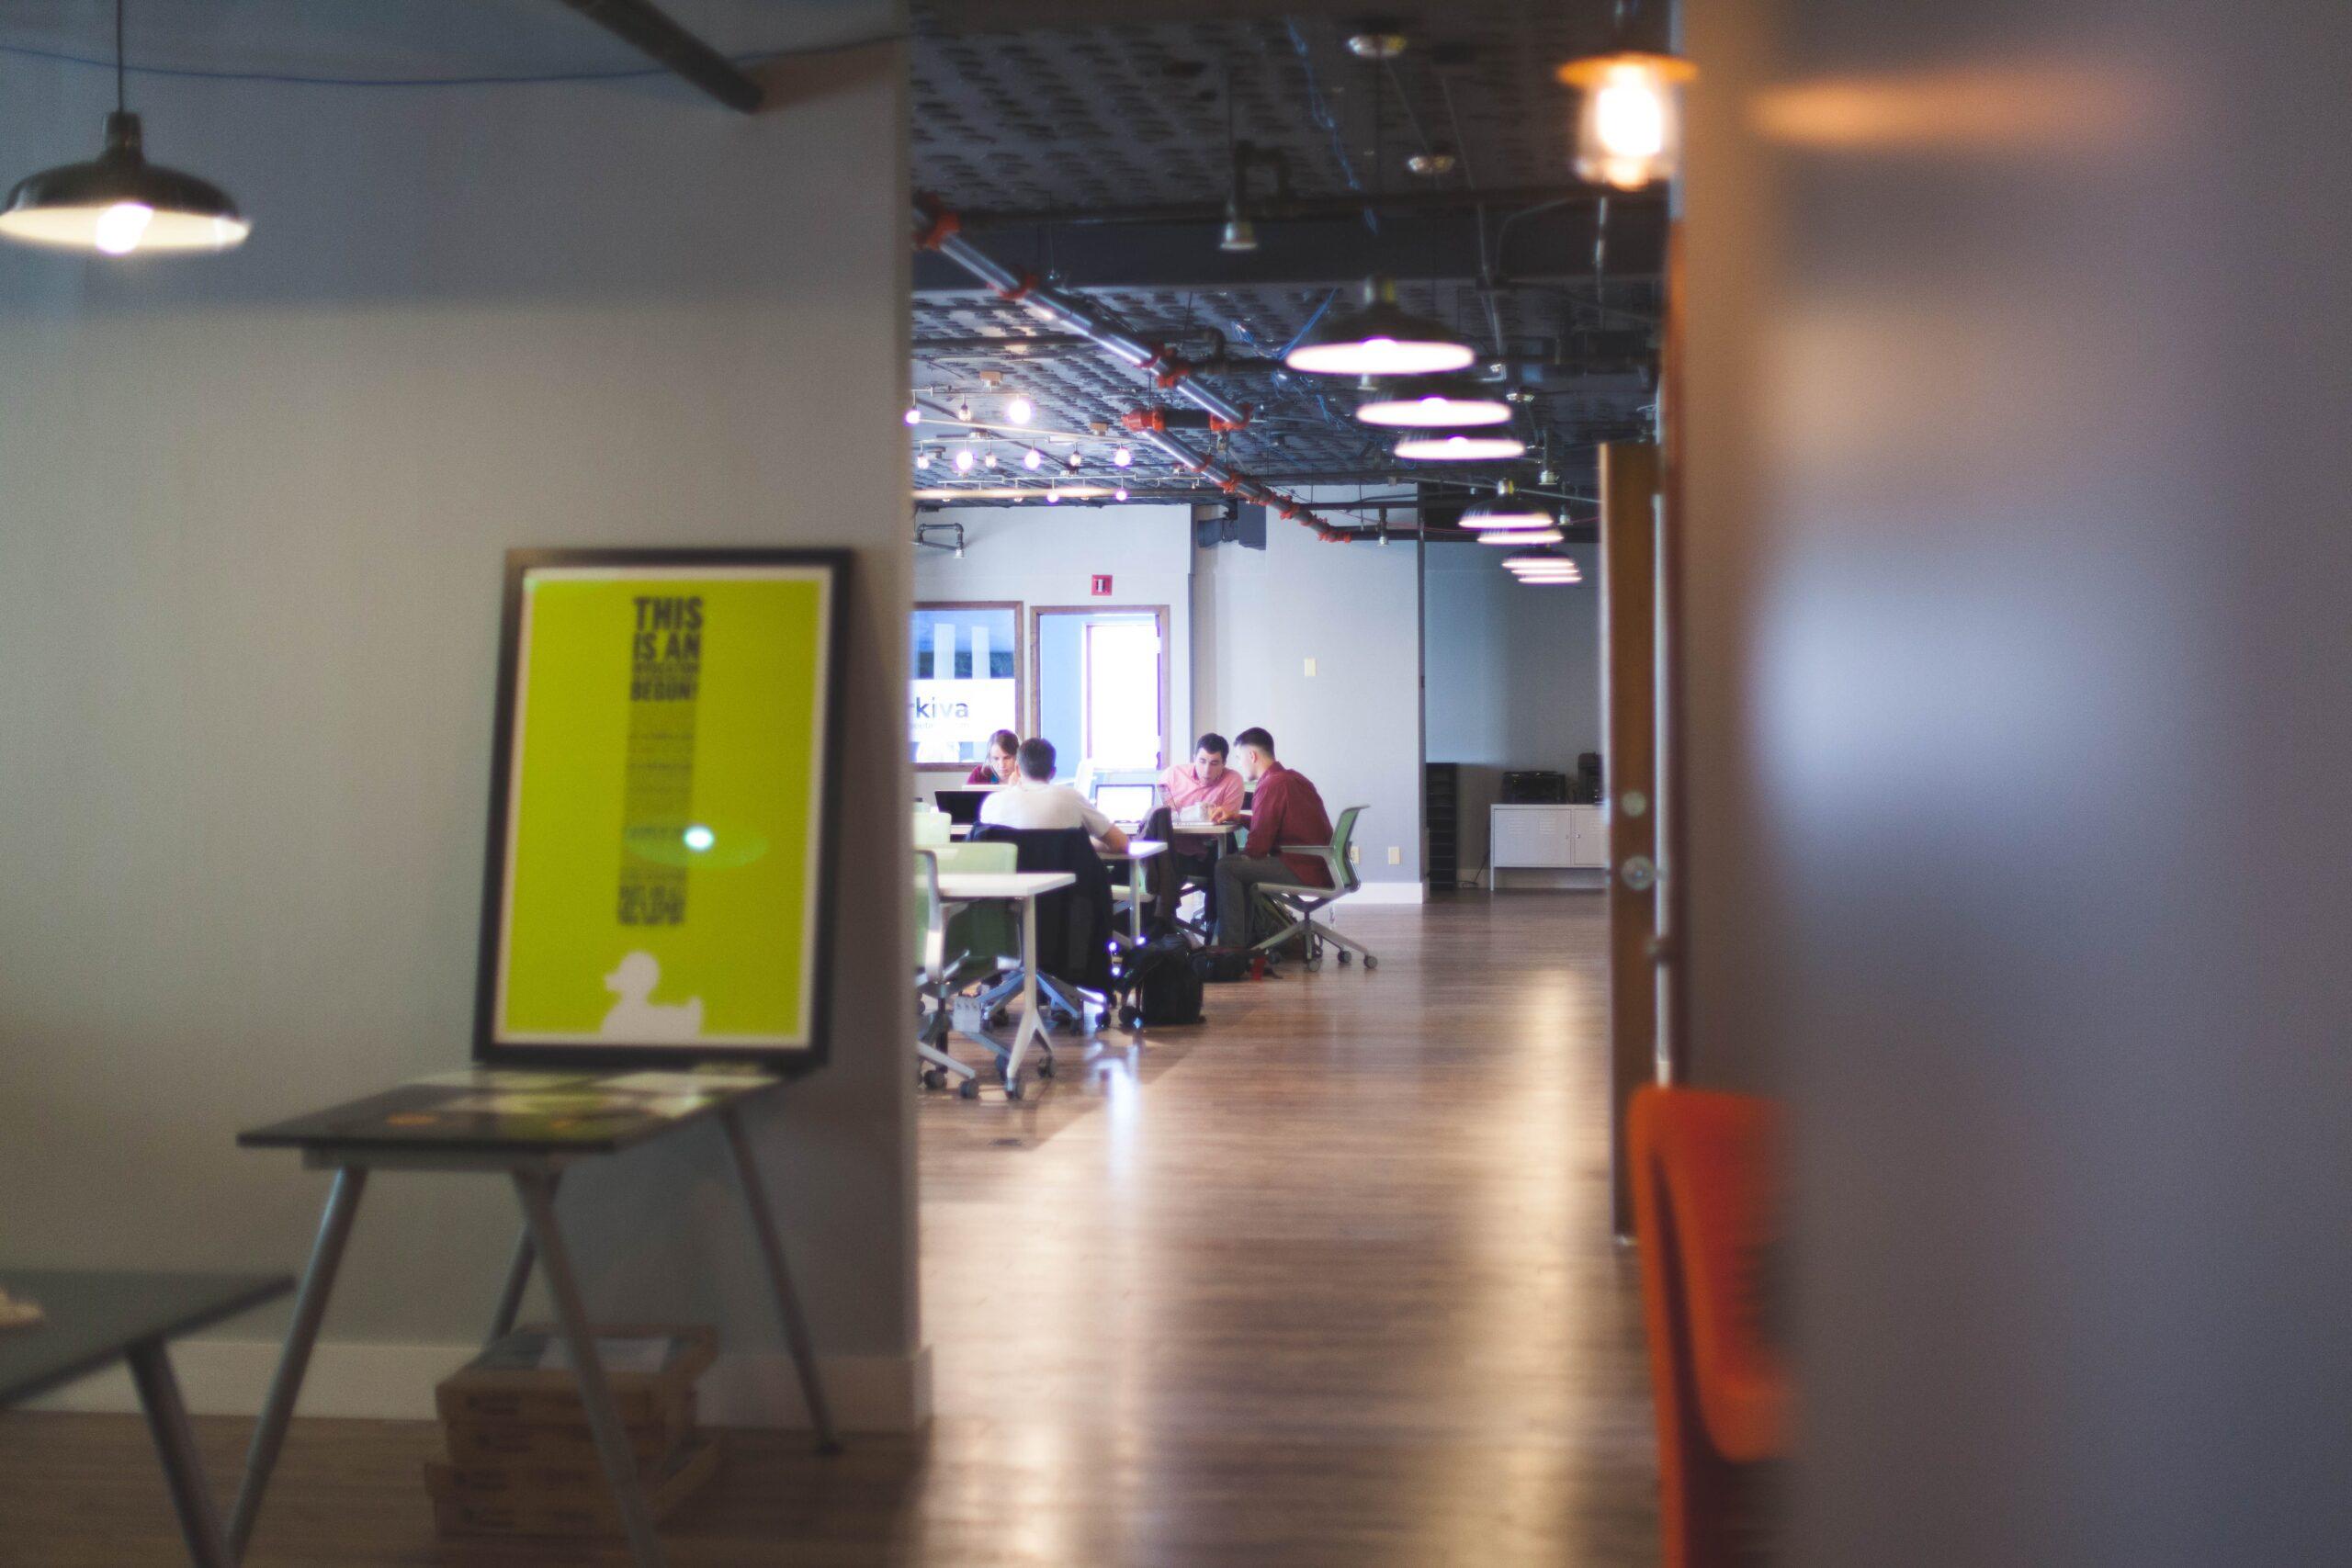 オフィスの内装デザインの効果を高めるには業種ごとに合わせよう